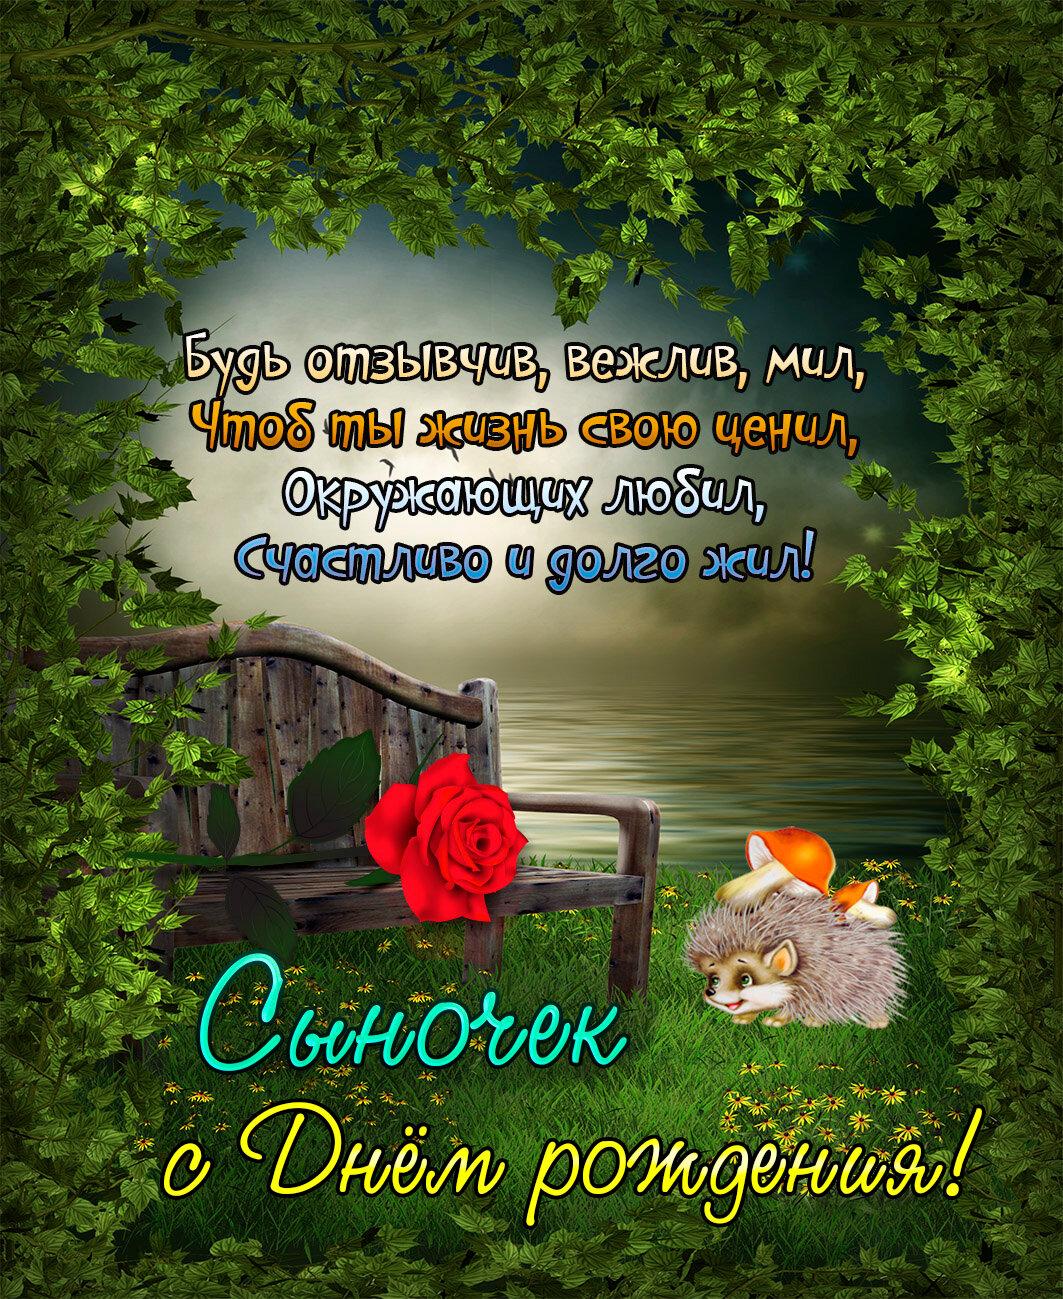 Ольга, картинки со стихами поздравление сыну